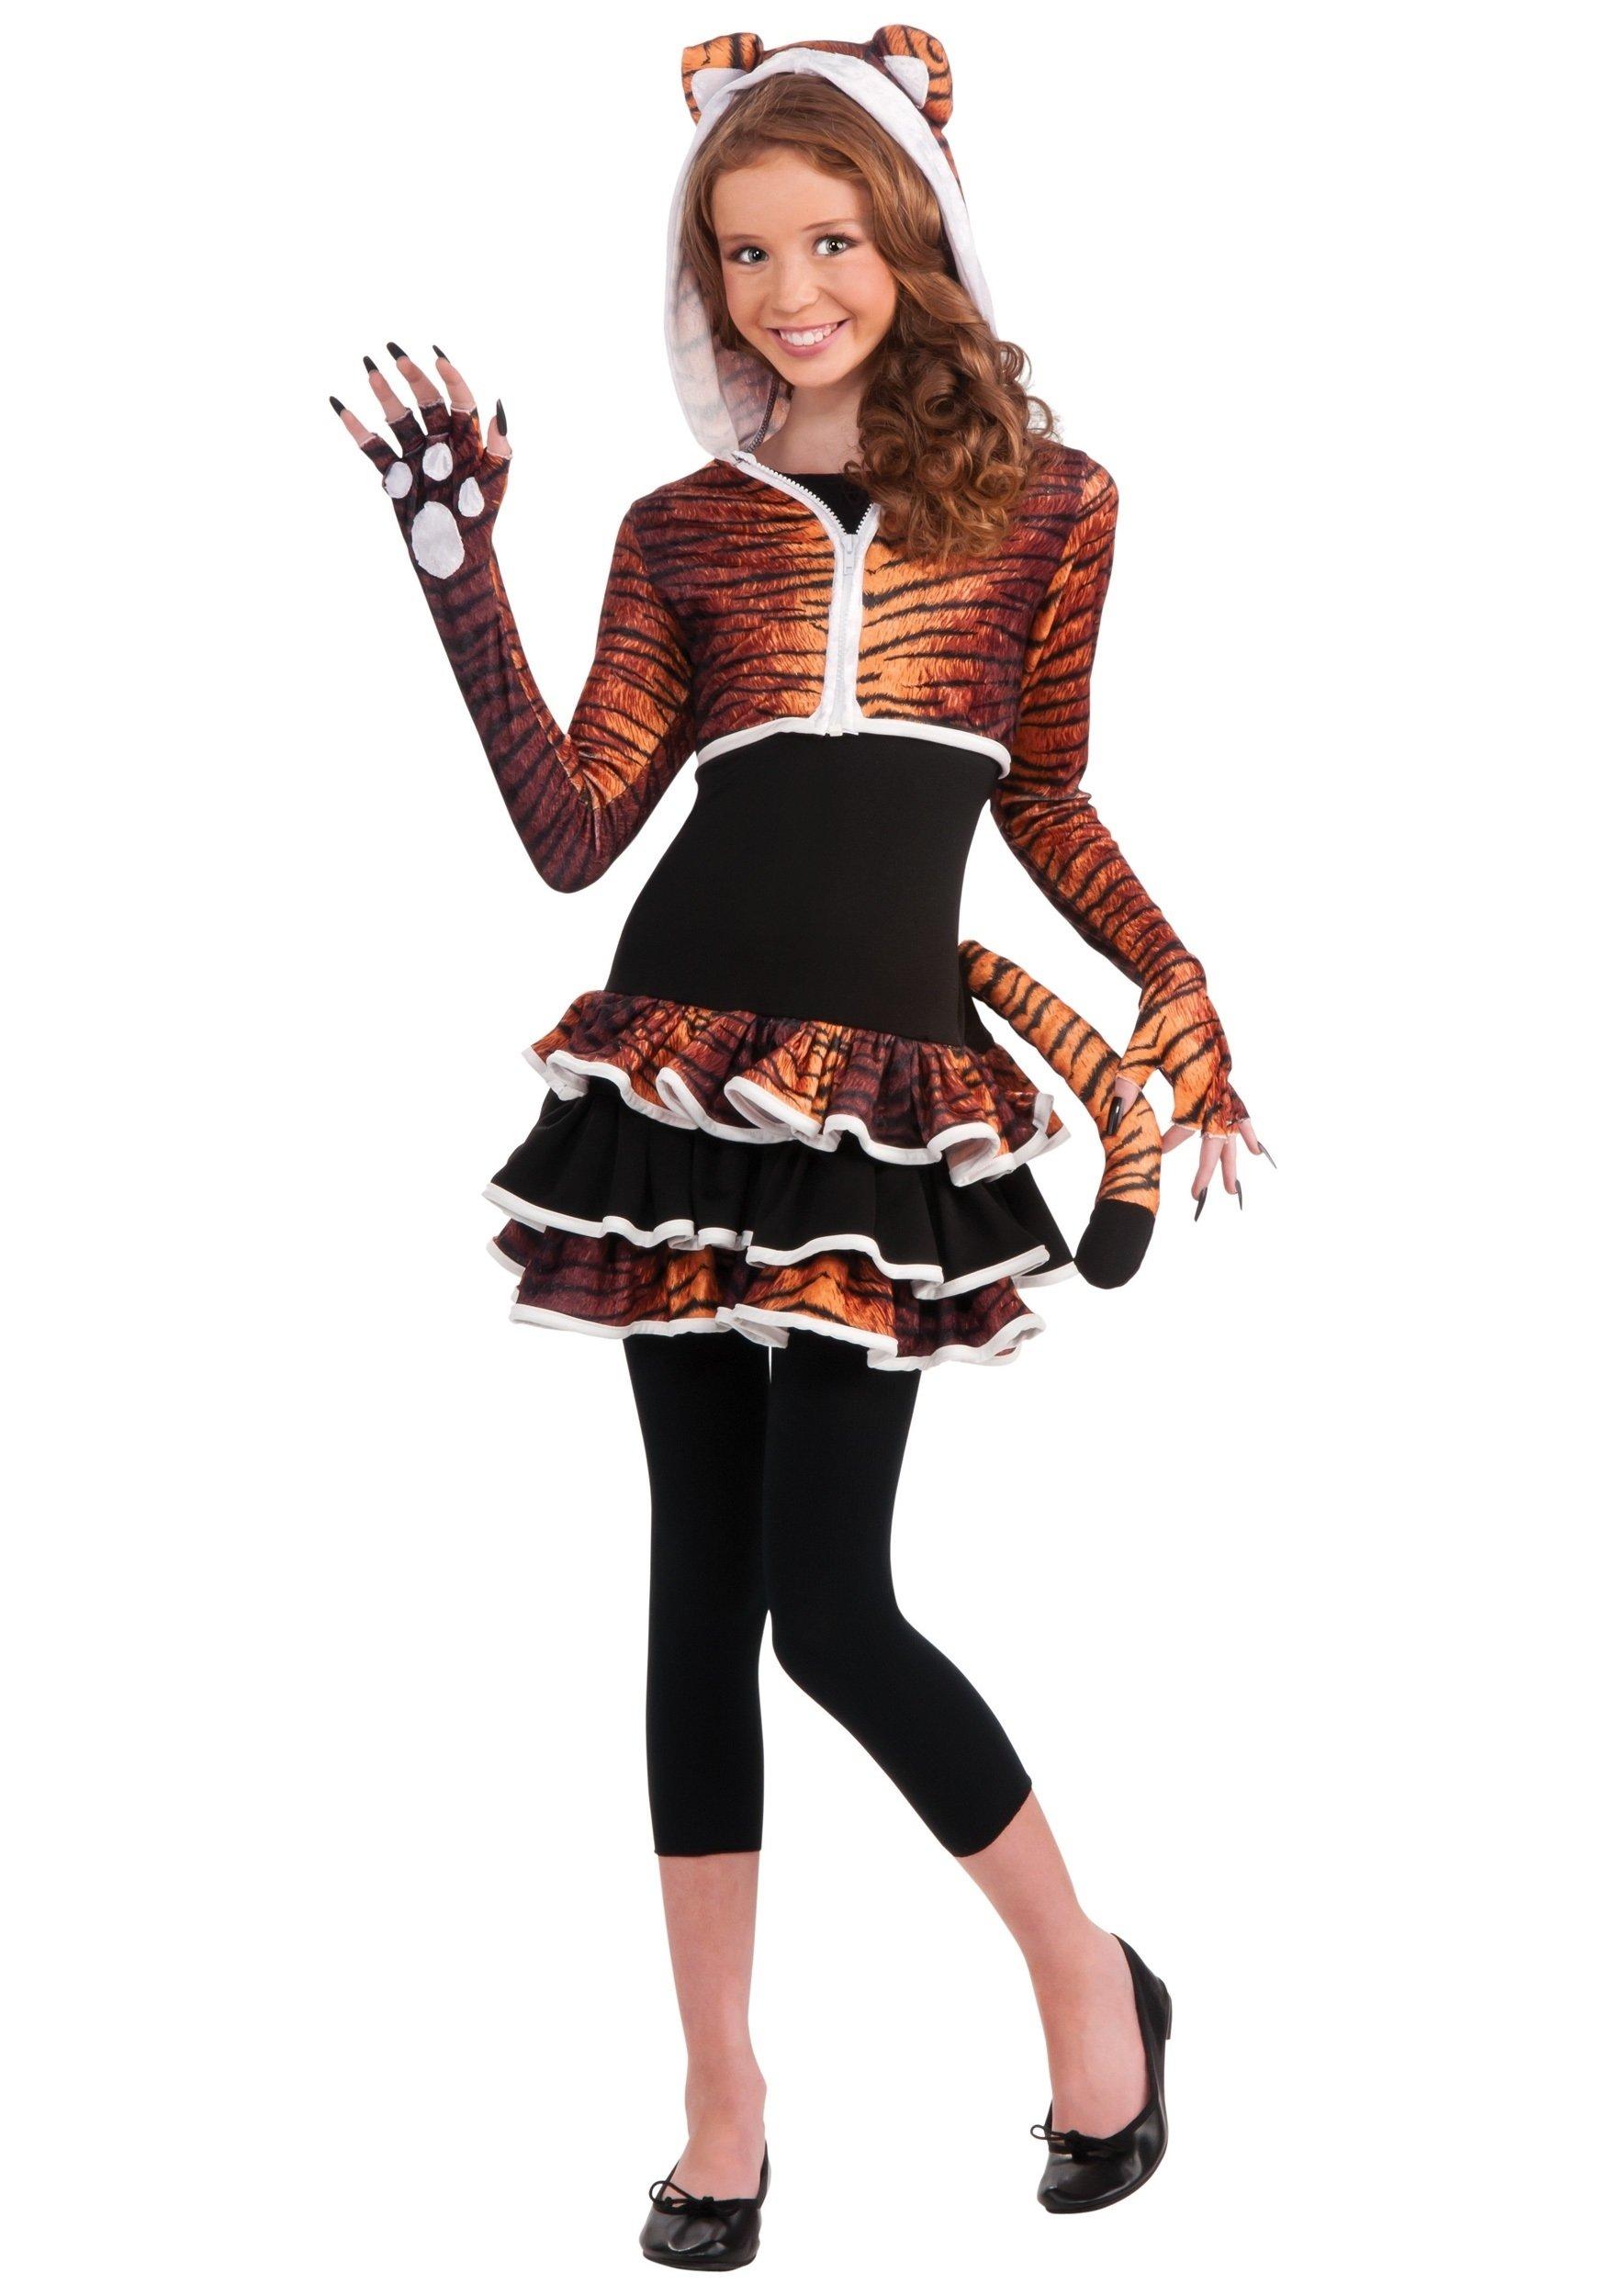 10 Unique Tween Girl Halloween Costume Ideas tween girls tigress costume girls cute tiger costume ideas 1 2020